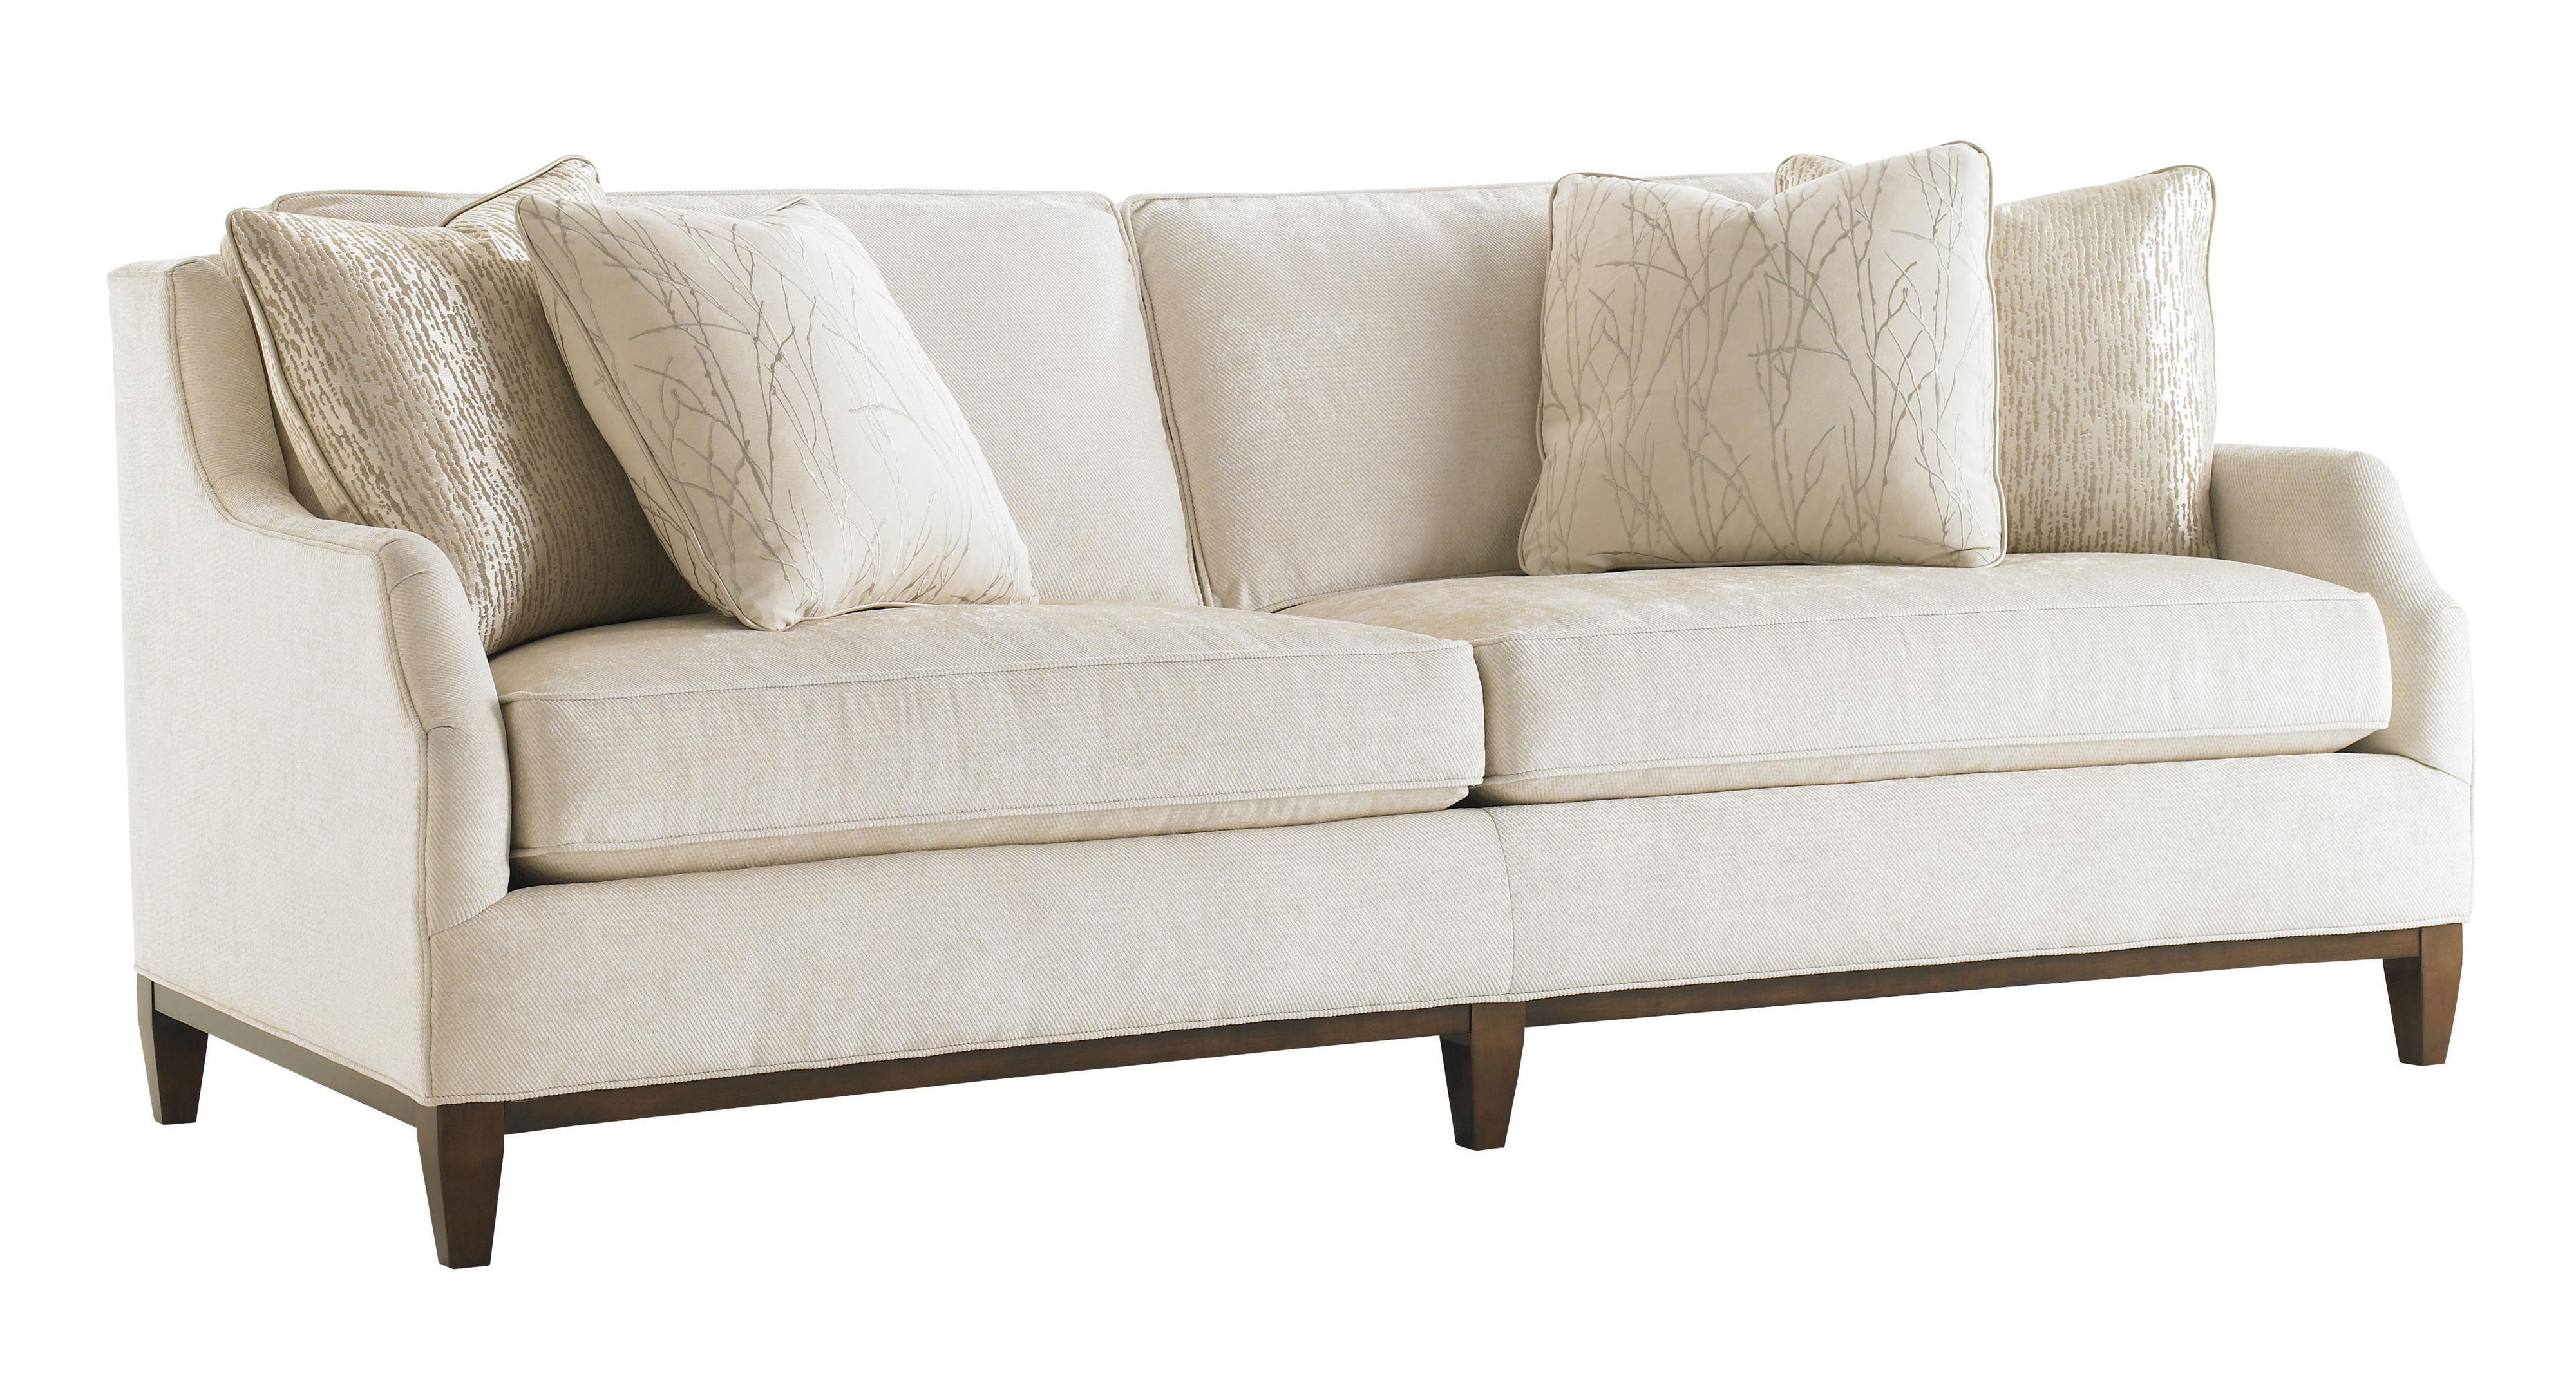 conversational sofa cover covers for sofas ebay uk lexington tower place contemporary conrad conversation